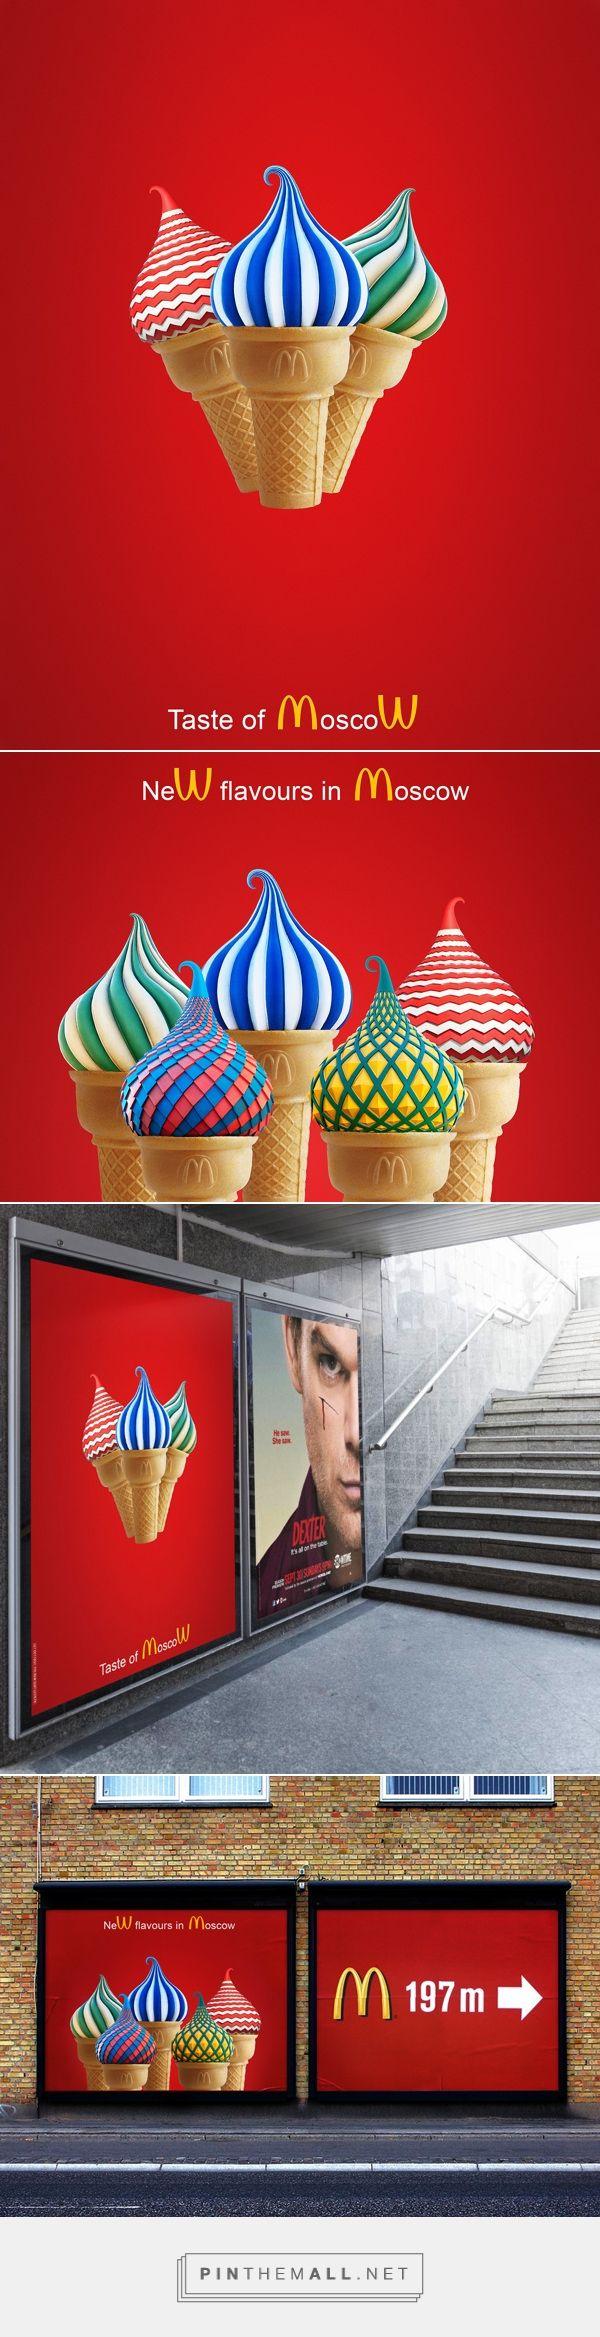 McDonalds: Taste of Moscow on Behance - idée : Patrick Dufour ( sur Behance )